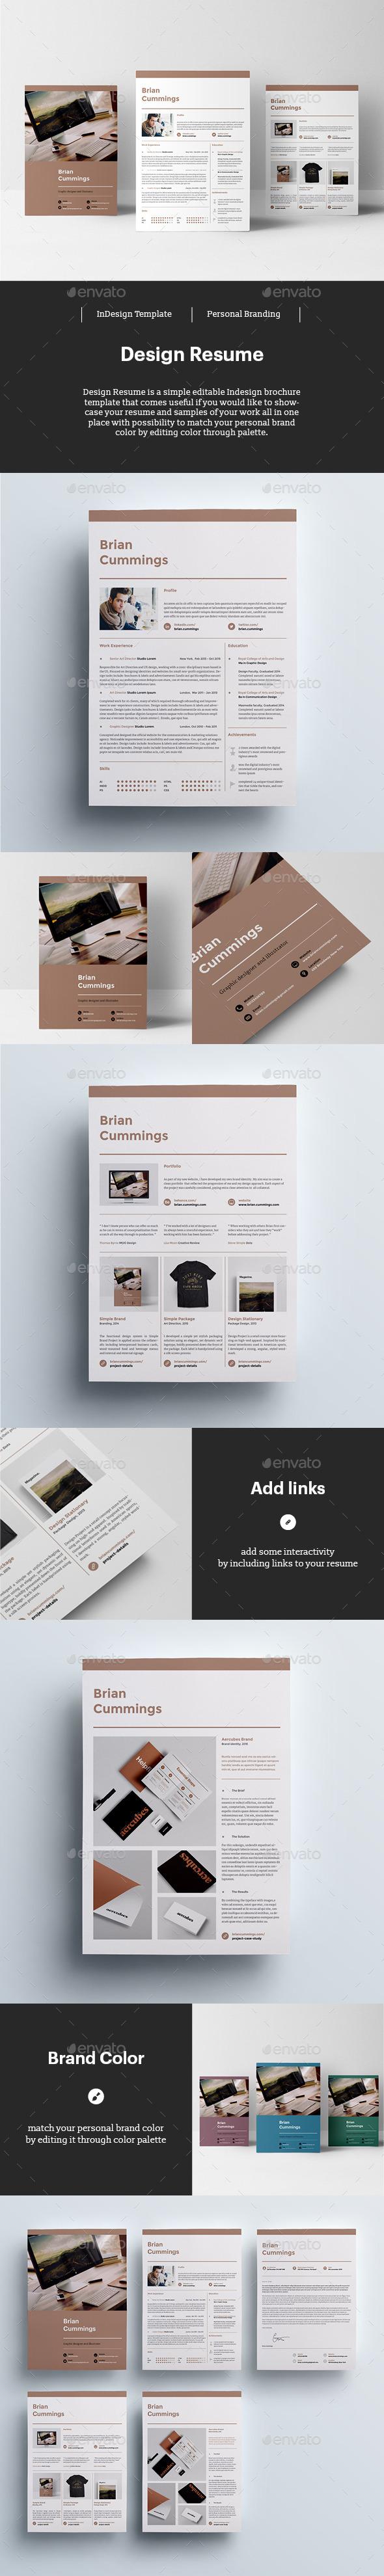 Design Resume Template InDesign INDD #design Download: http ...